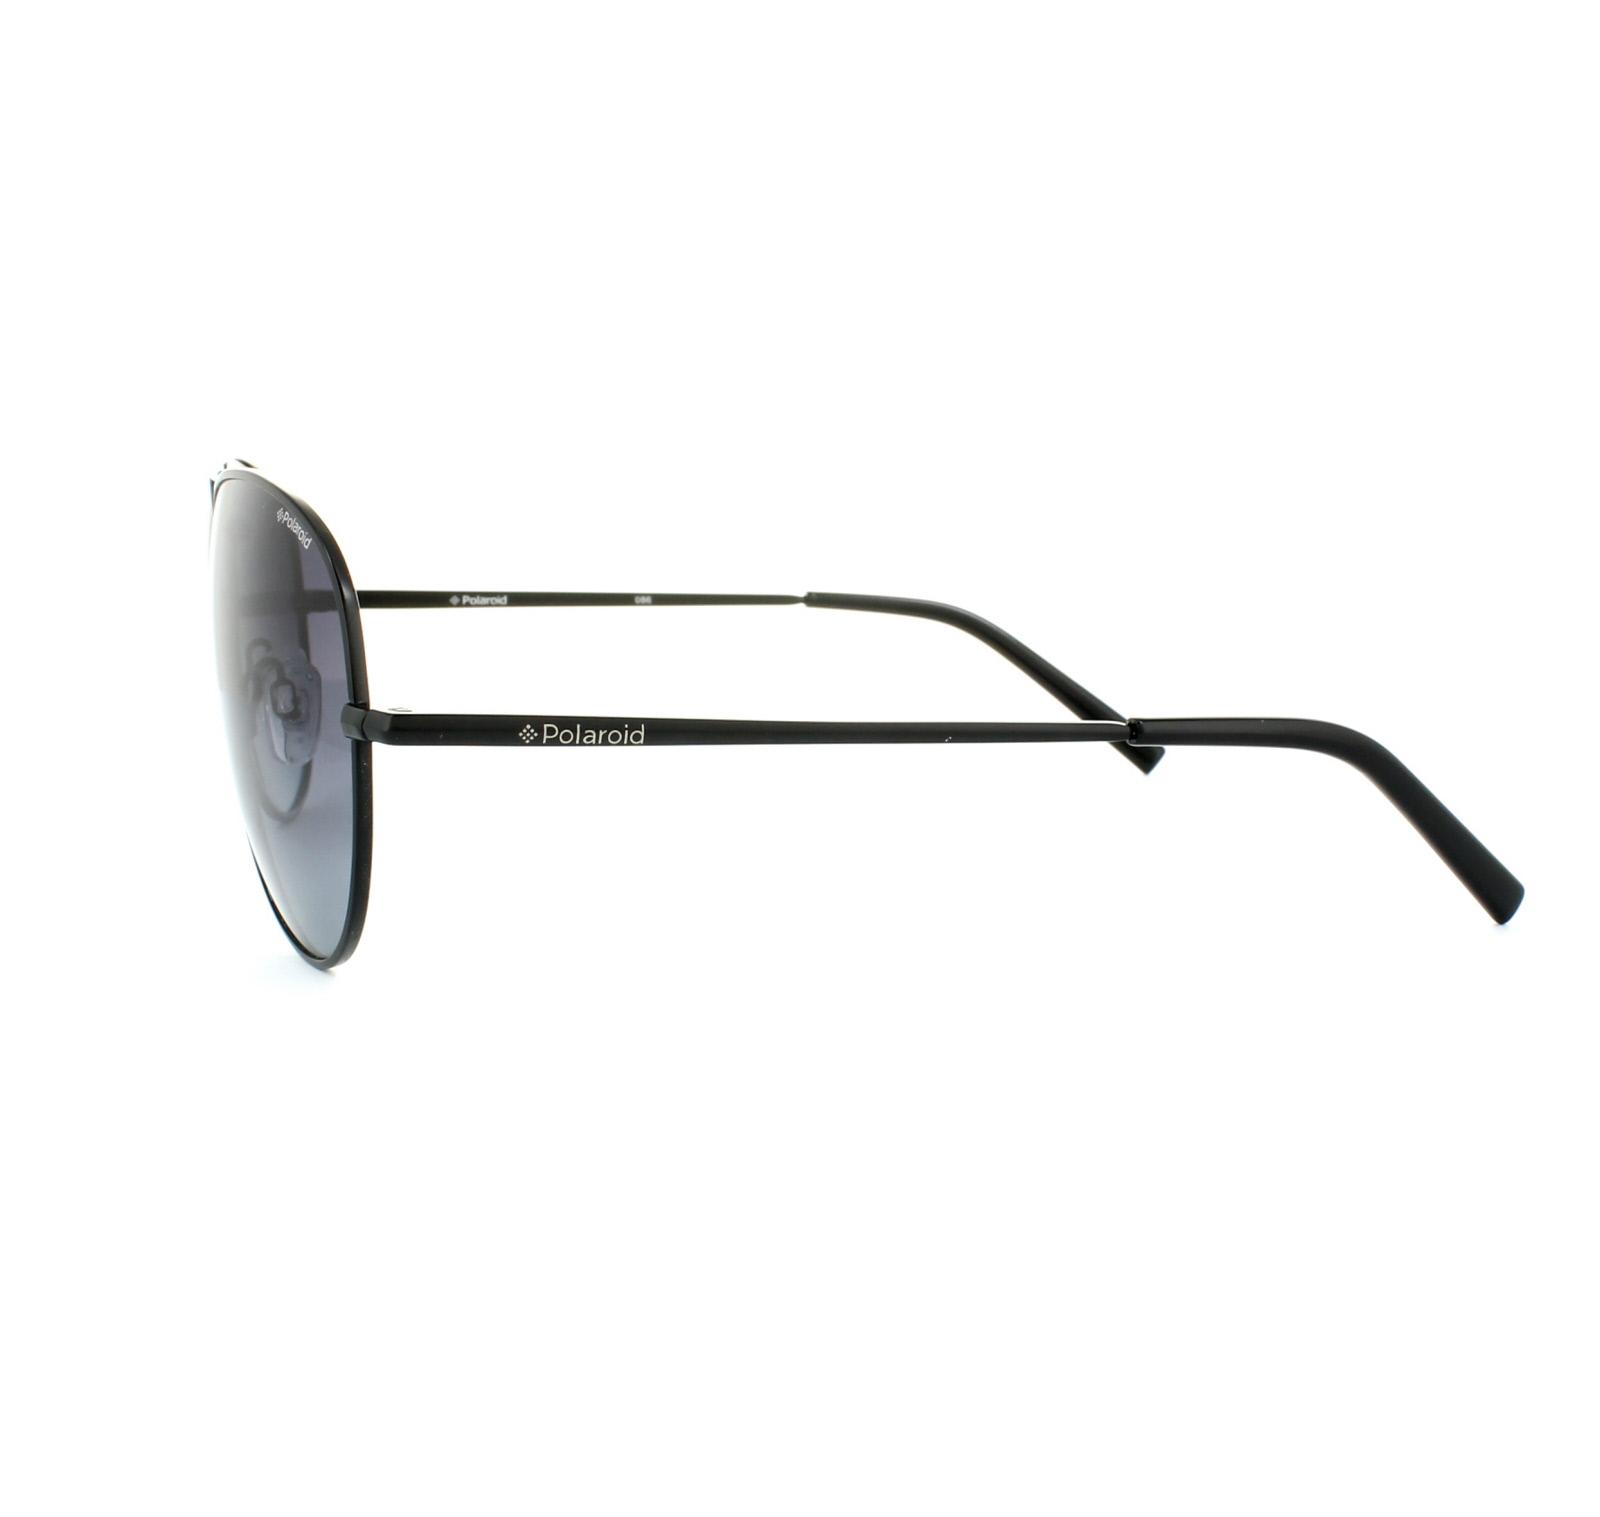 Polaroid Sonnenbrille » PLD 1017/S«, schwarz, 003/WJ - schwarz/grau